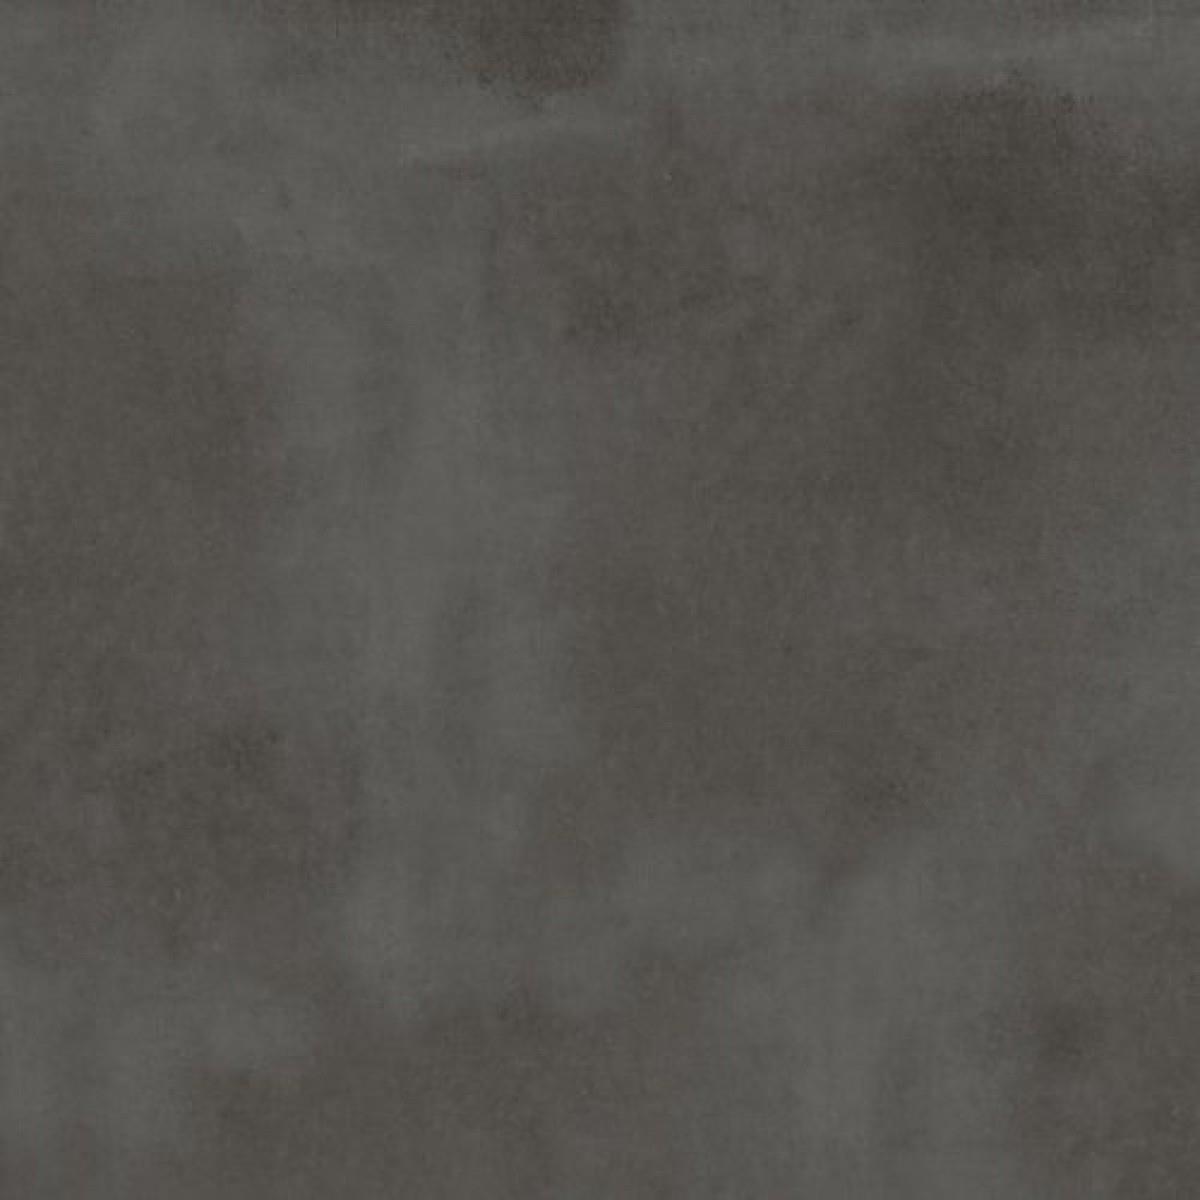 Płytka podłogowa Ceramika Limone Town Antracite 75x75cm limTowAnt75